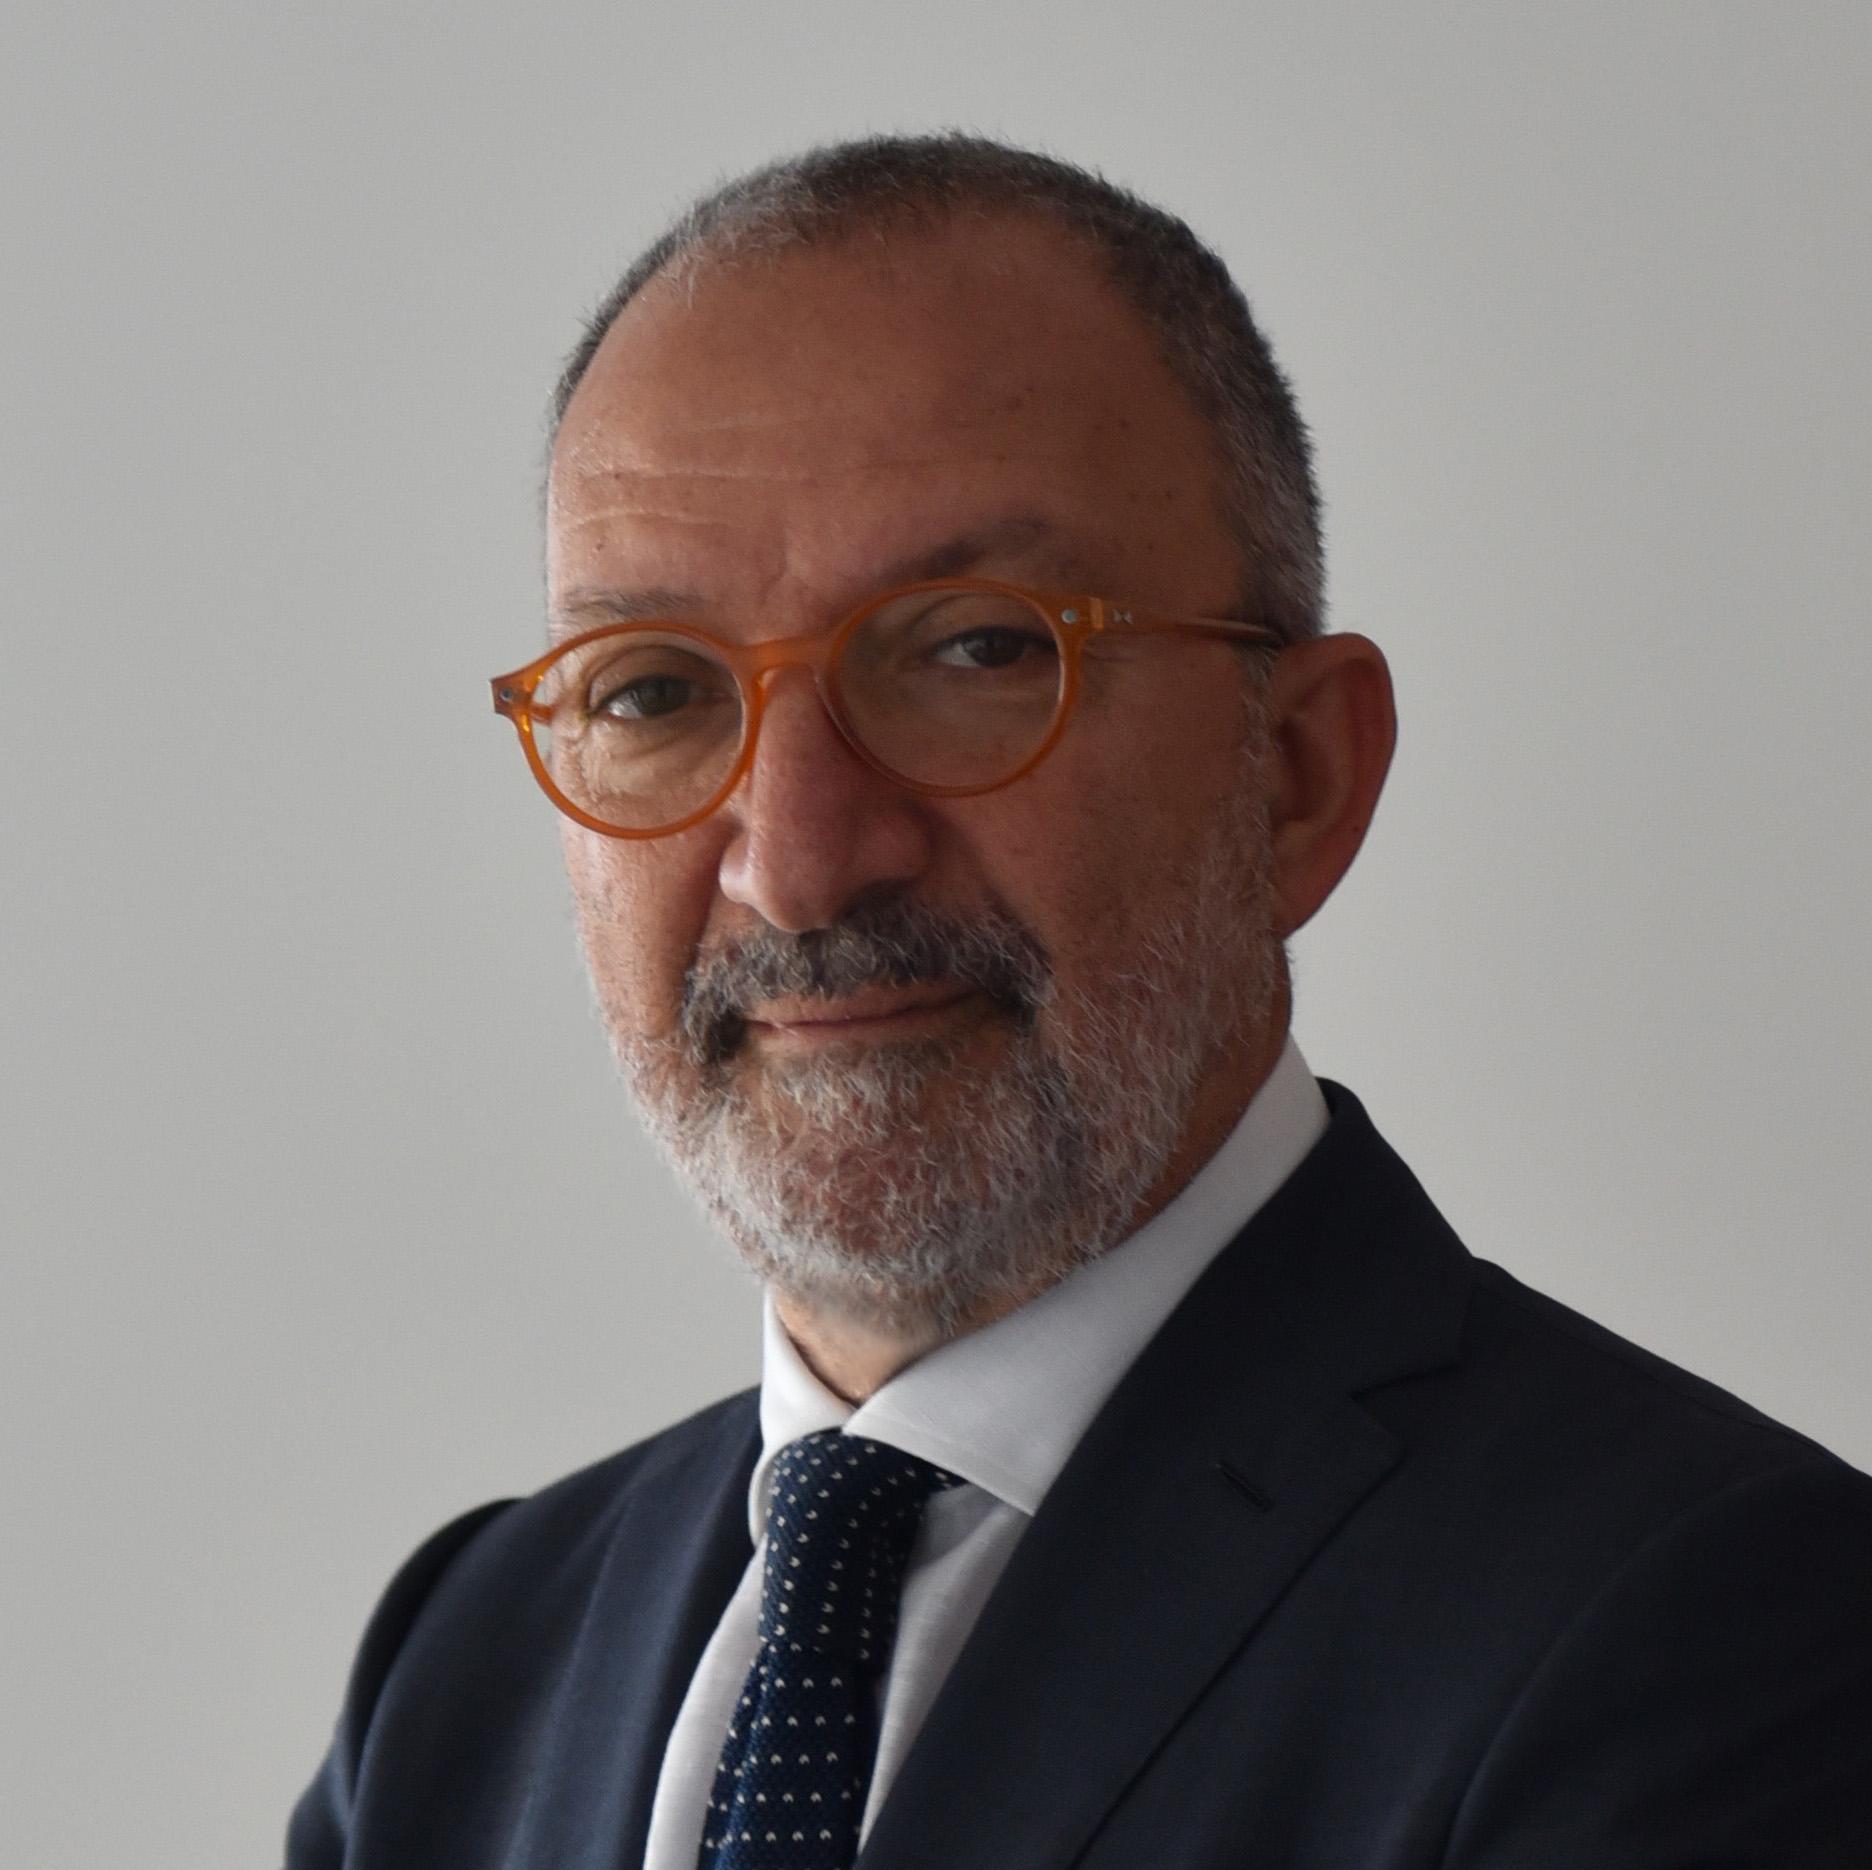 Antonio Santocono